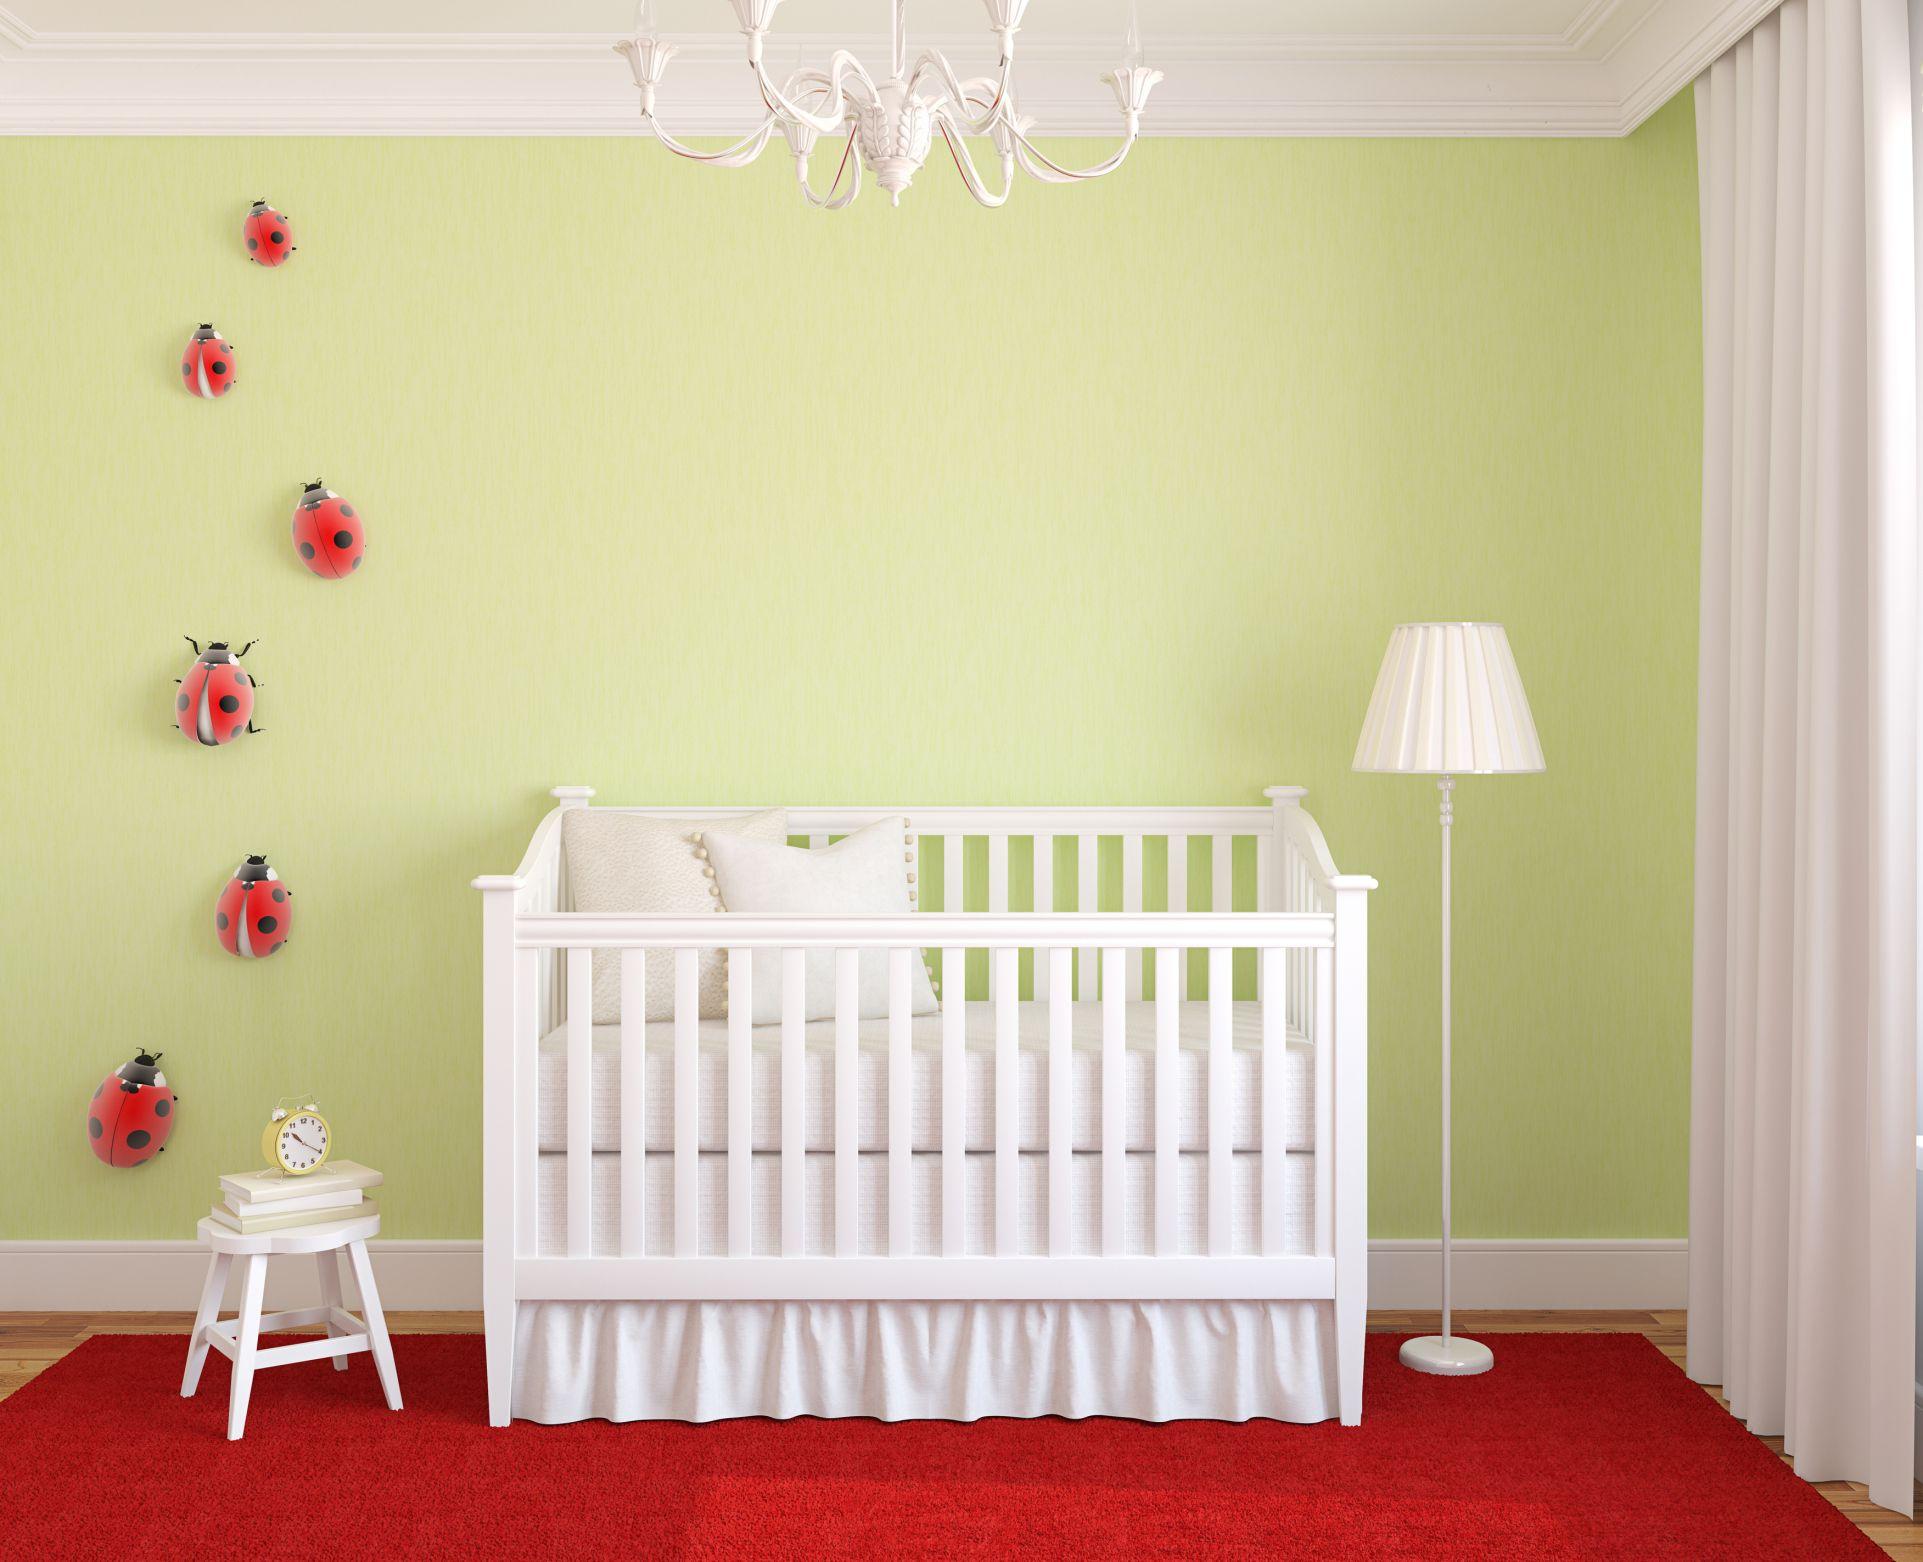 habitación bebe - Buscar con Google | Deco Cuartos Baby | Pinterest ...